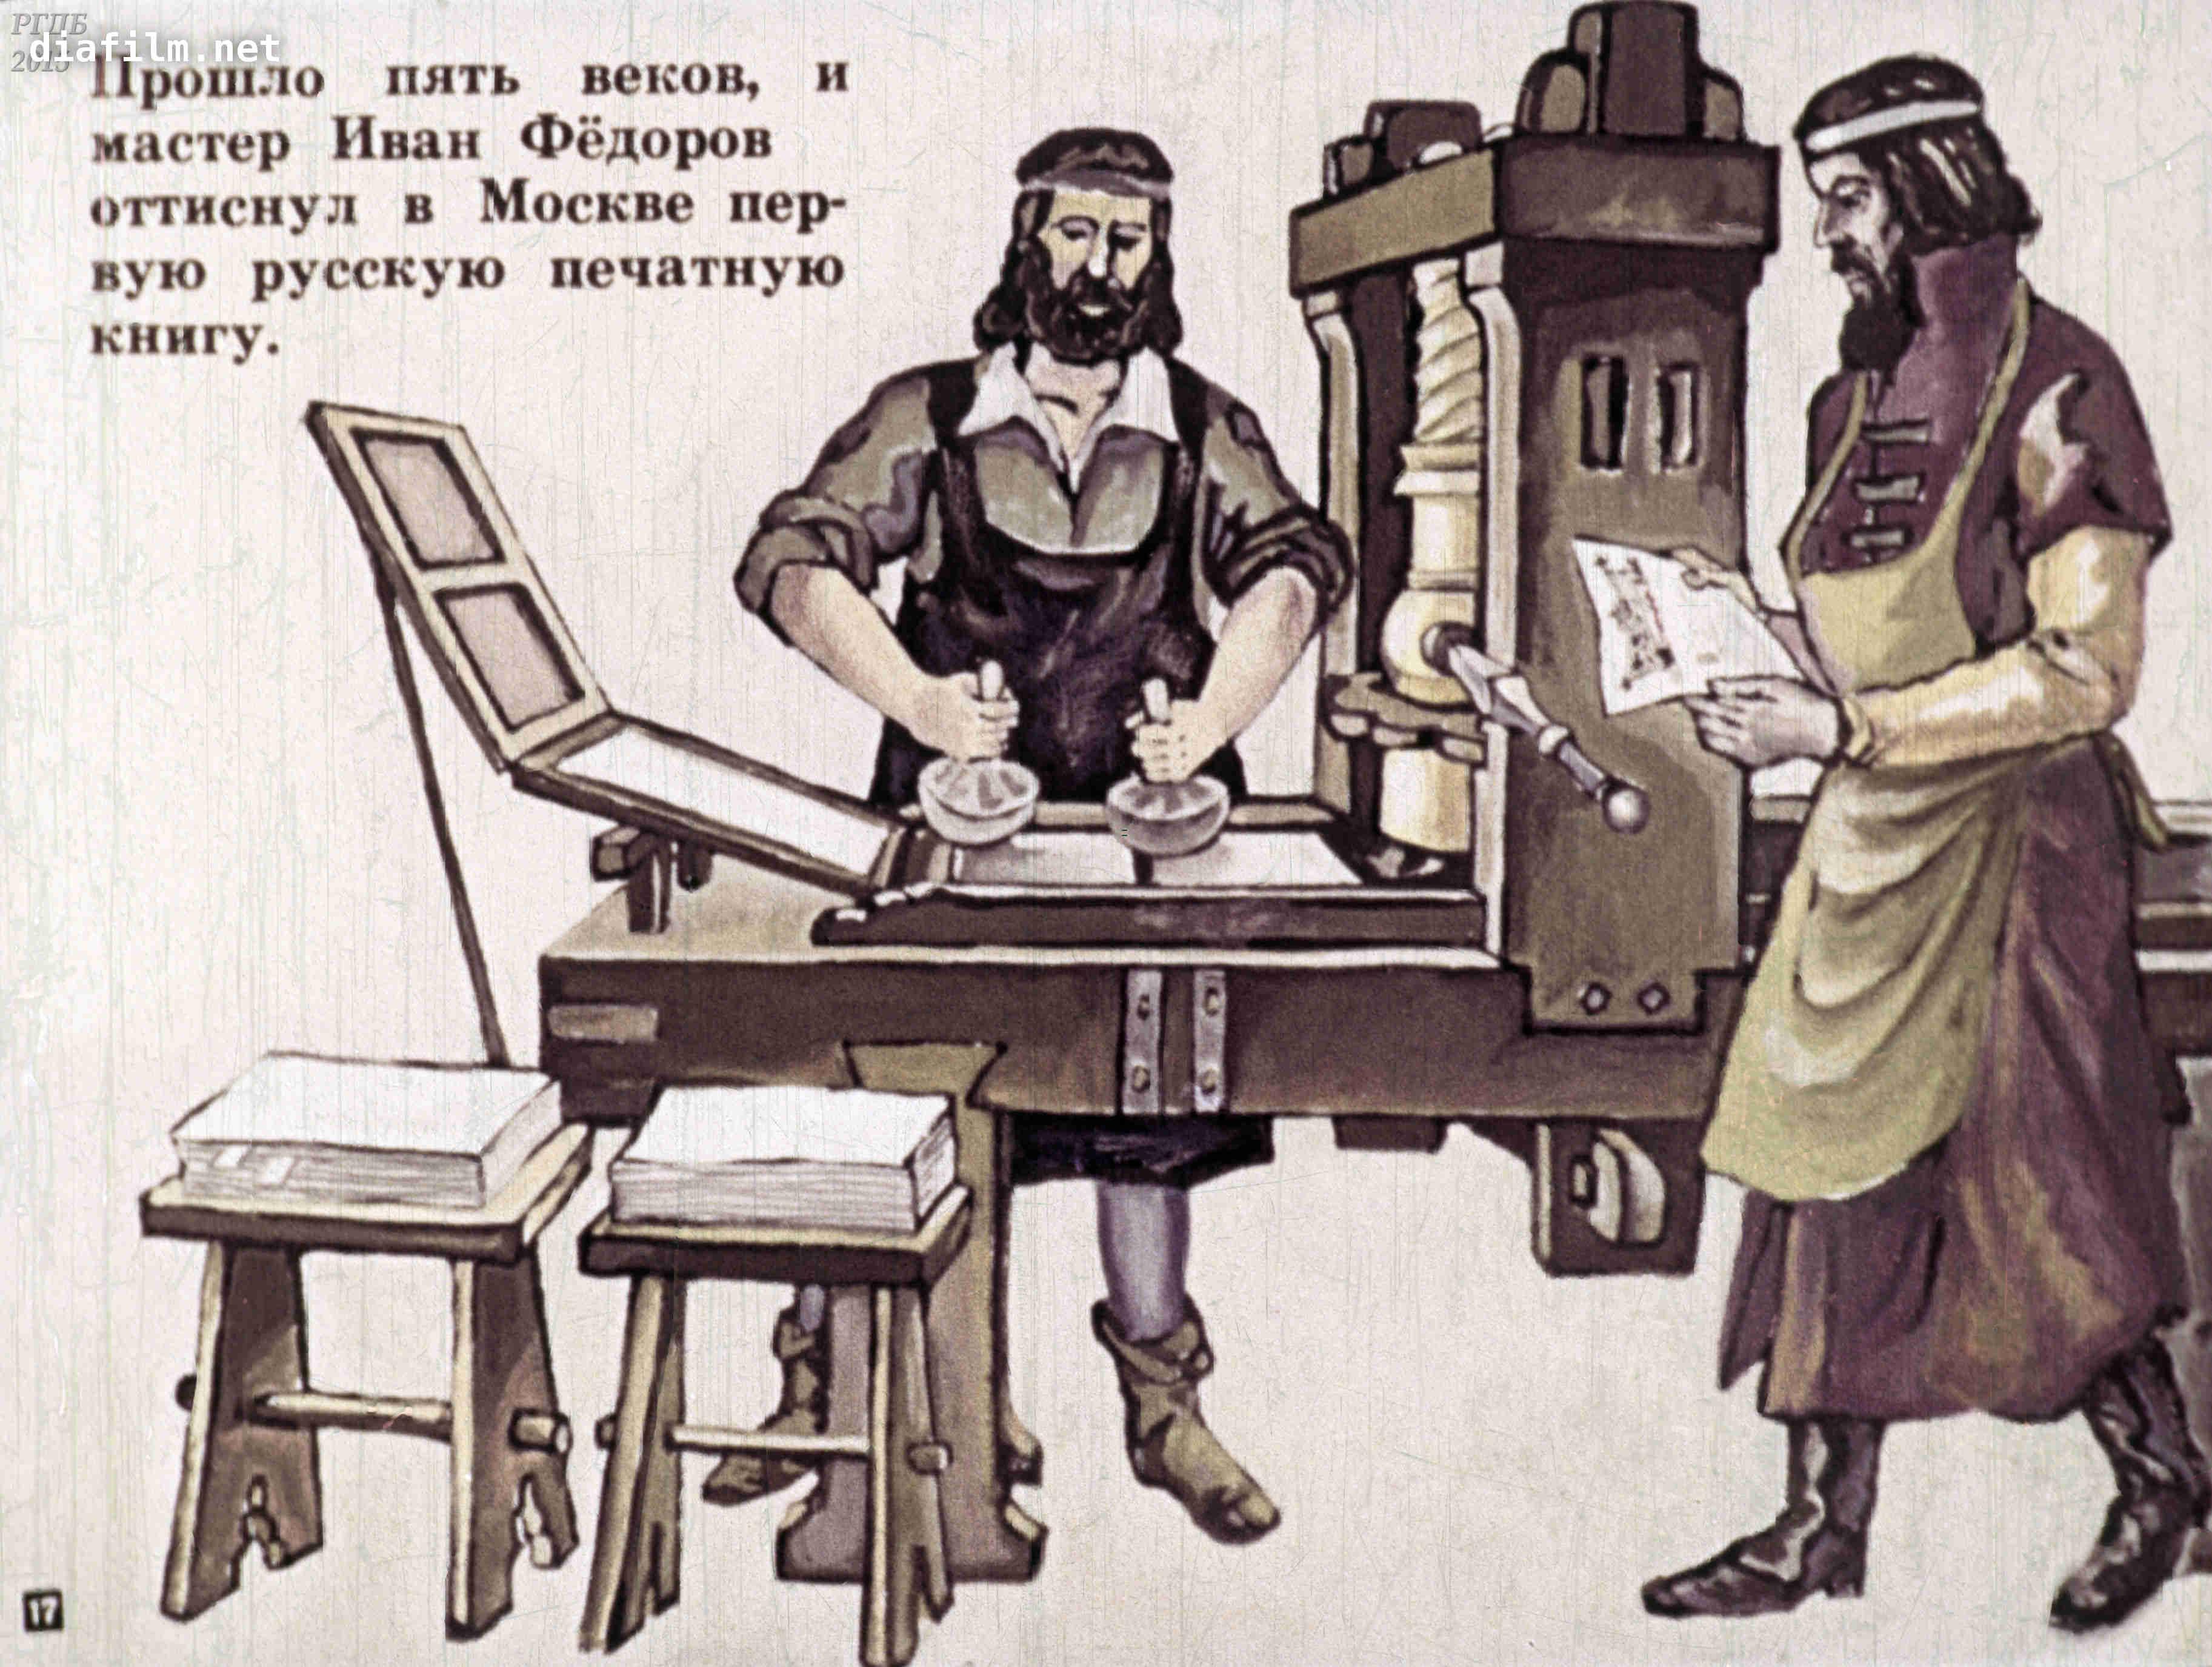 Иван федоров первопечатник в картинках